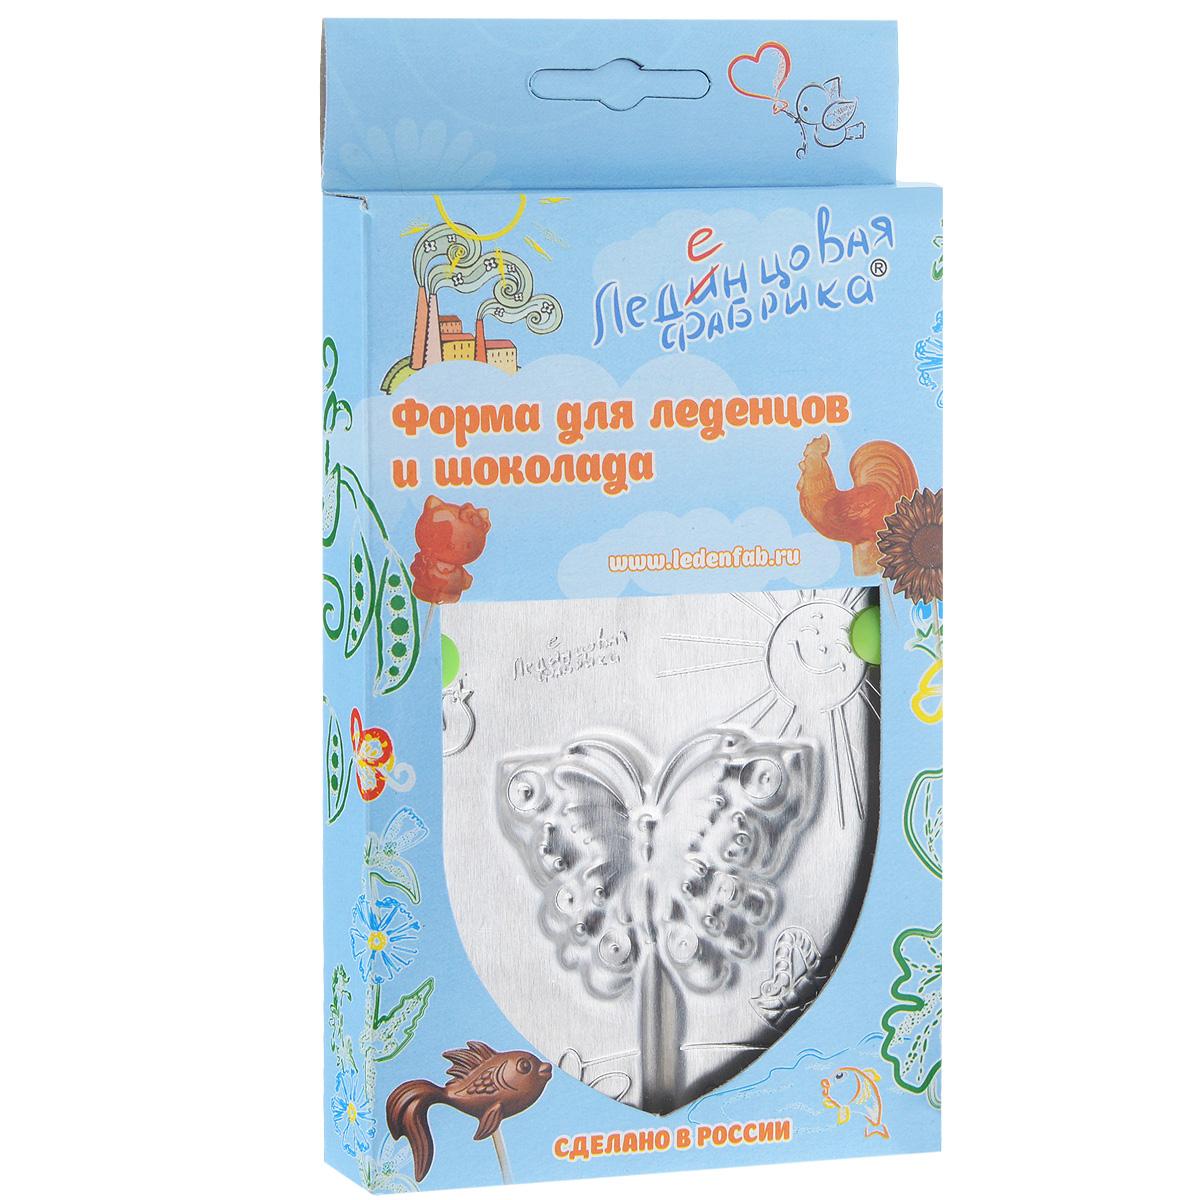 Форма для леденцов Бабочка, 9,5 см х 9,5 см0001С помощью формы Бабочка вы сможете сделать разнообразные леденцы и шоколадки своими руками, используя натуральные продукты: сахар, воду, сок и готовый шоколад. Изделие выполнено из пищевого алюминия. Форма удобна в использовании и оснащена пластиковыми ножками. В комплект входят 10 палочек для леденцов, выполненных из бамбука, и инструкция по применению. Размер формы: 9,5 см х 9,5 см. Размер готового леденца: 4,2 см х 5,3 см. Длина палочки: 15 см.